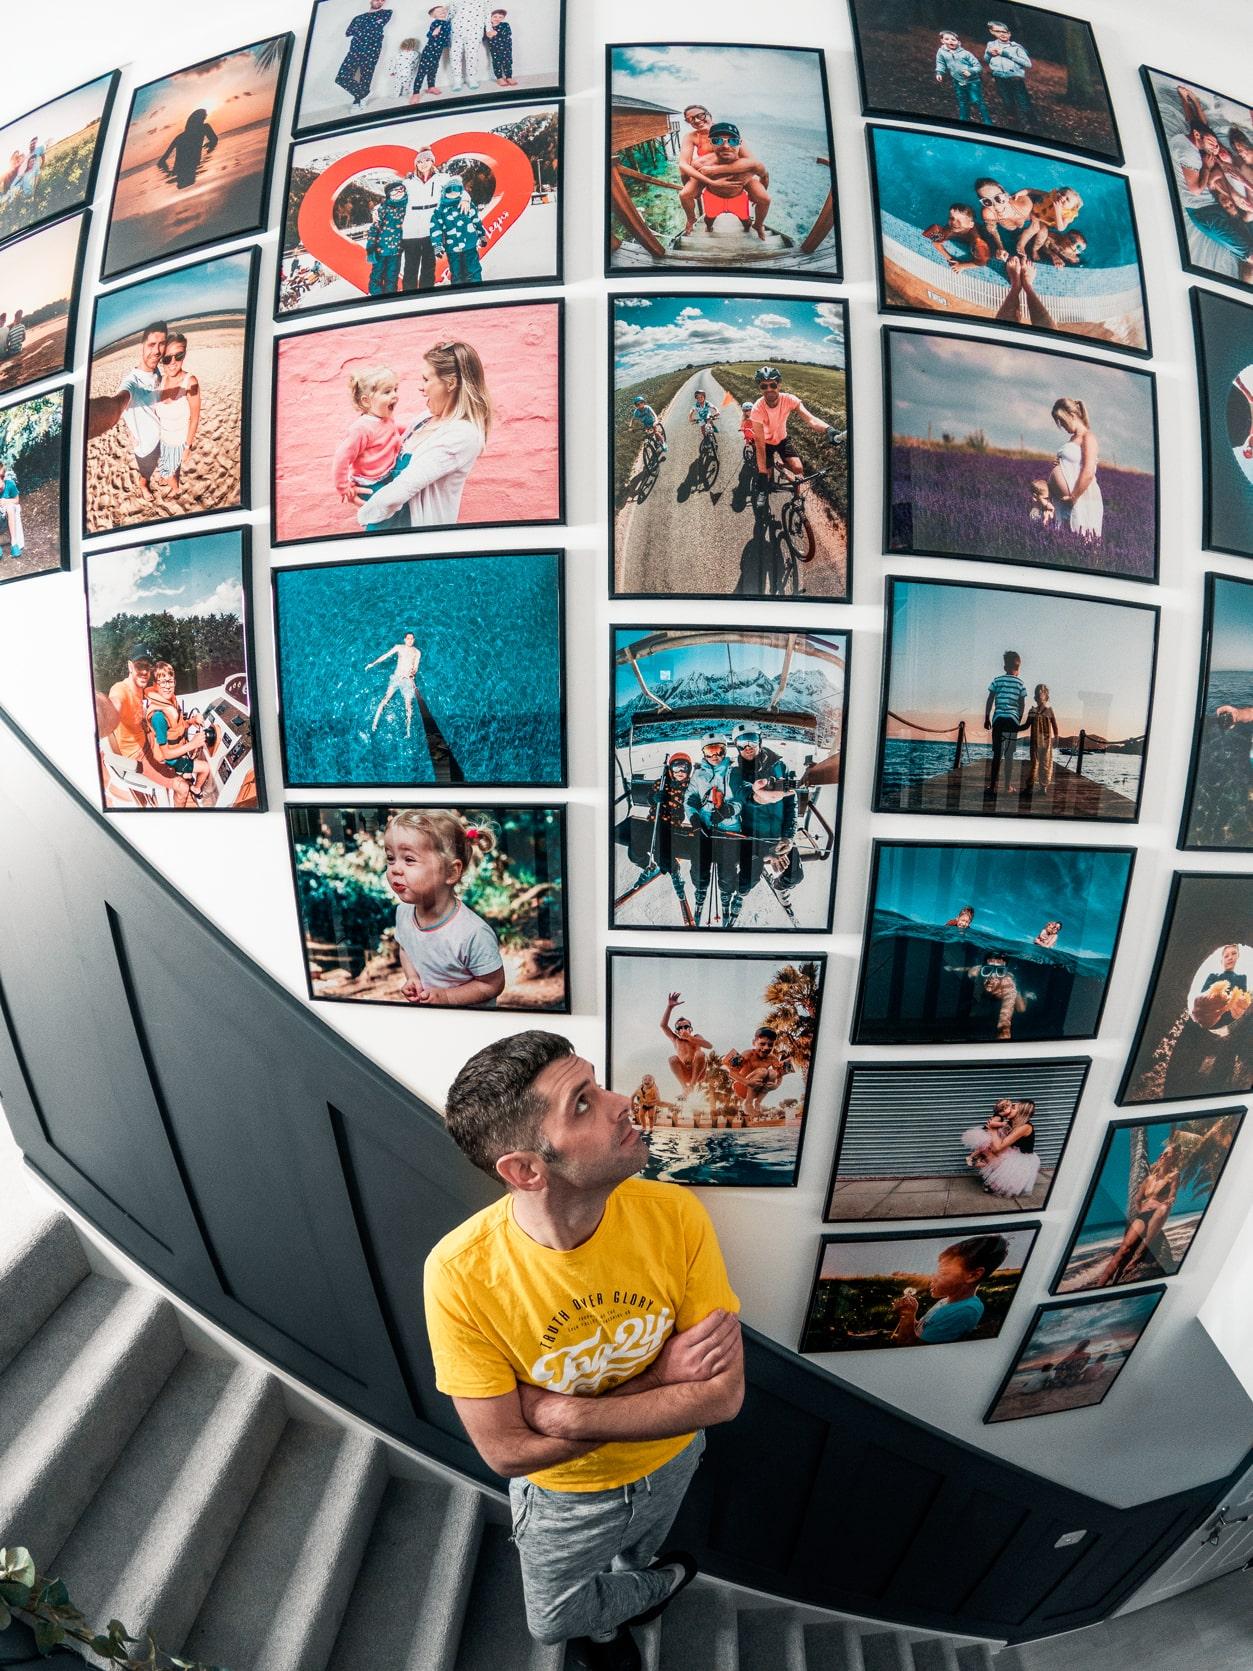 Gallery walls 7